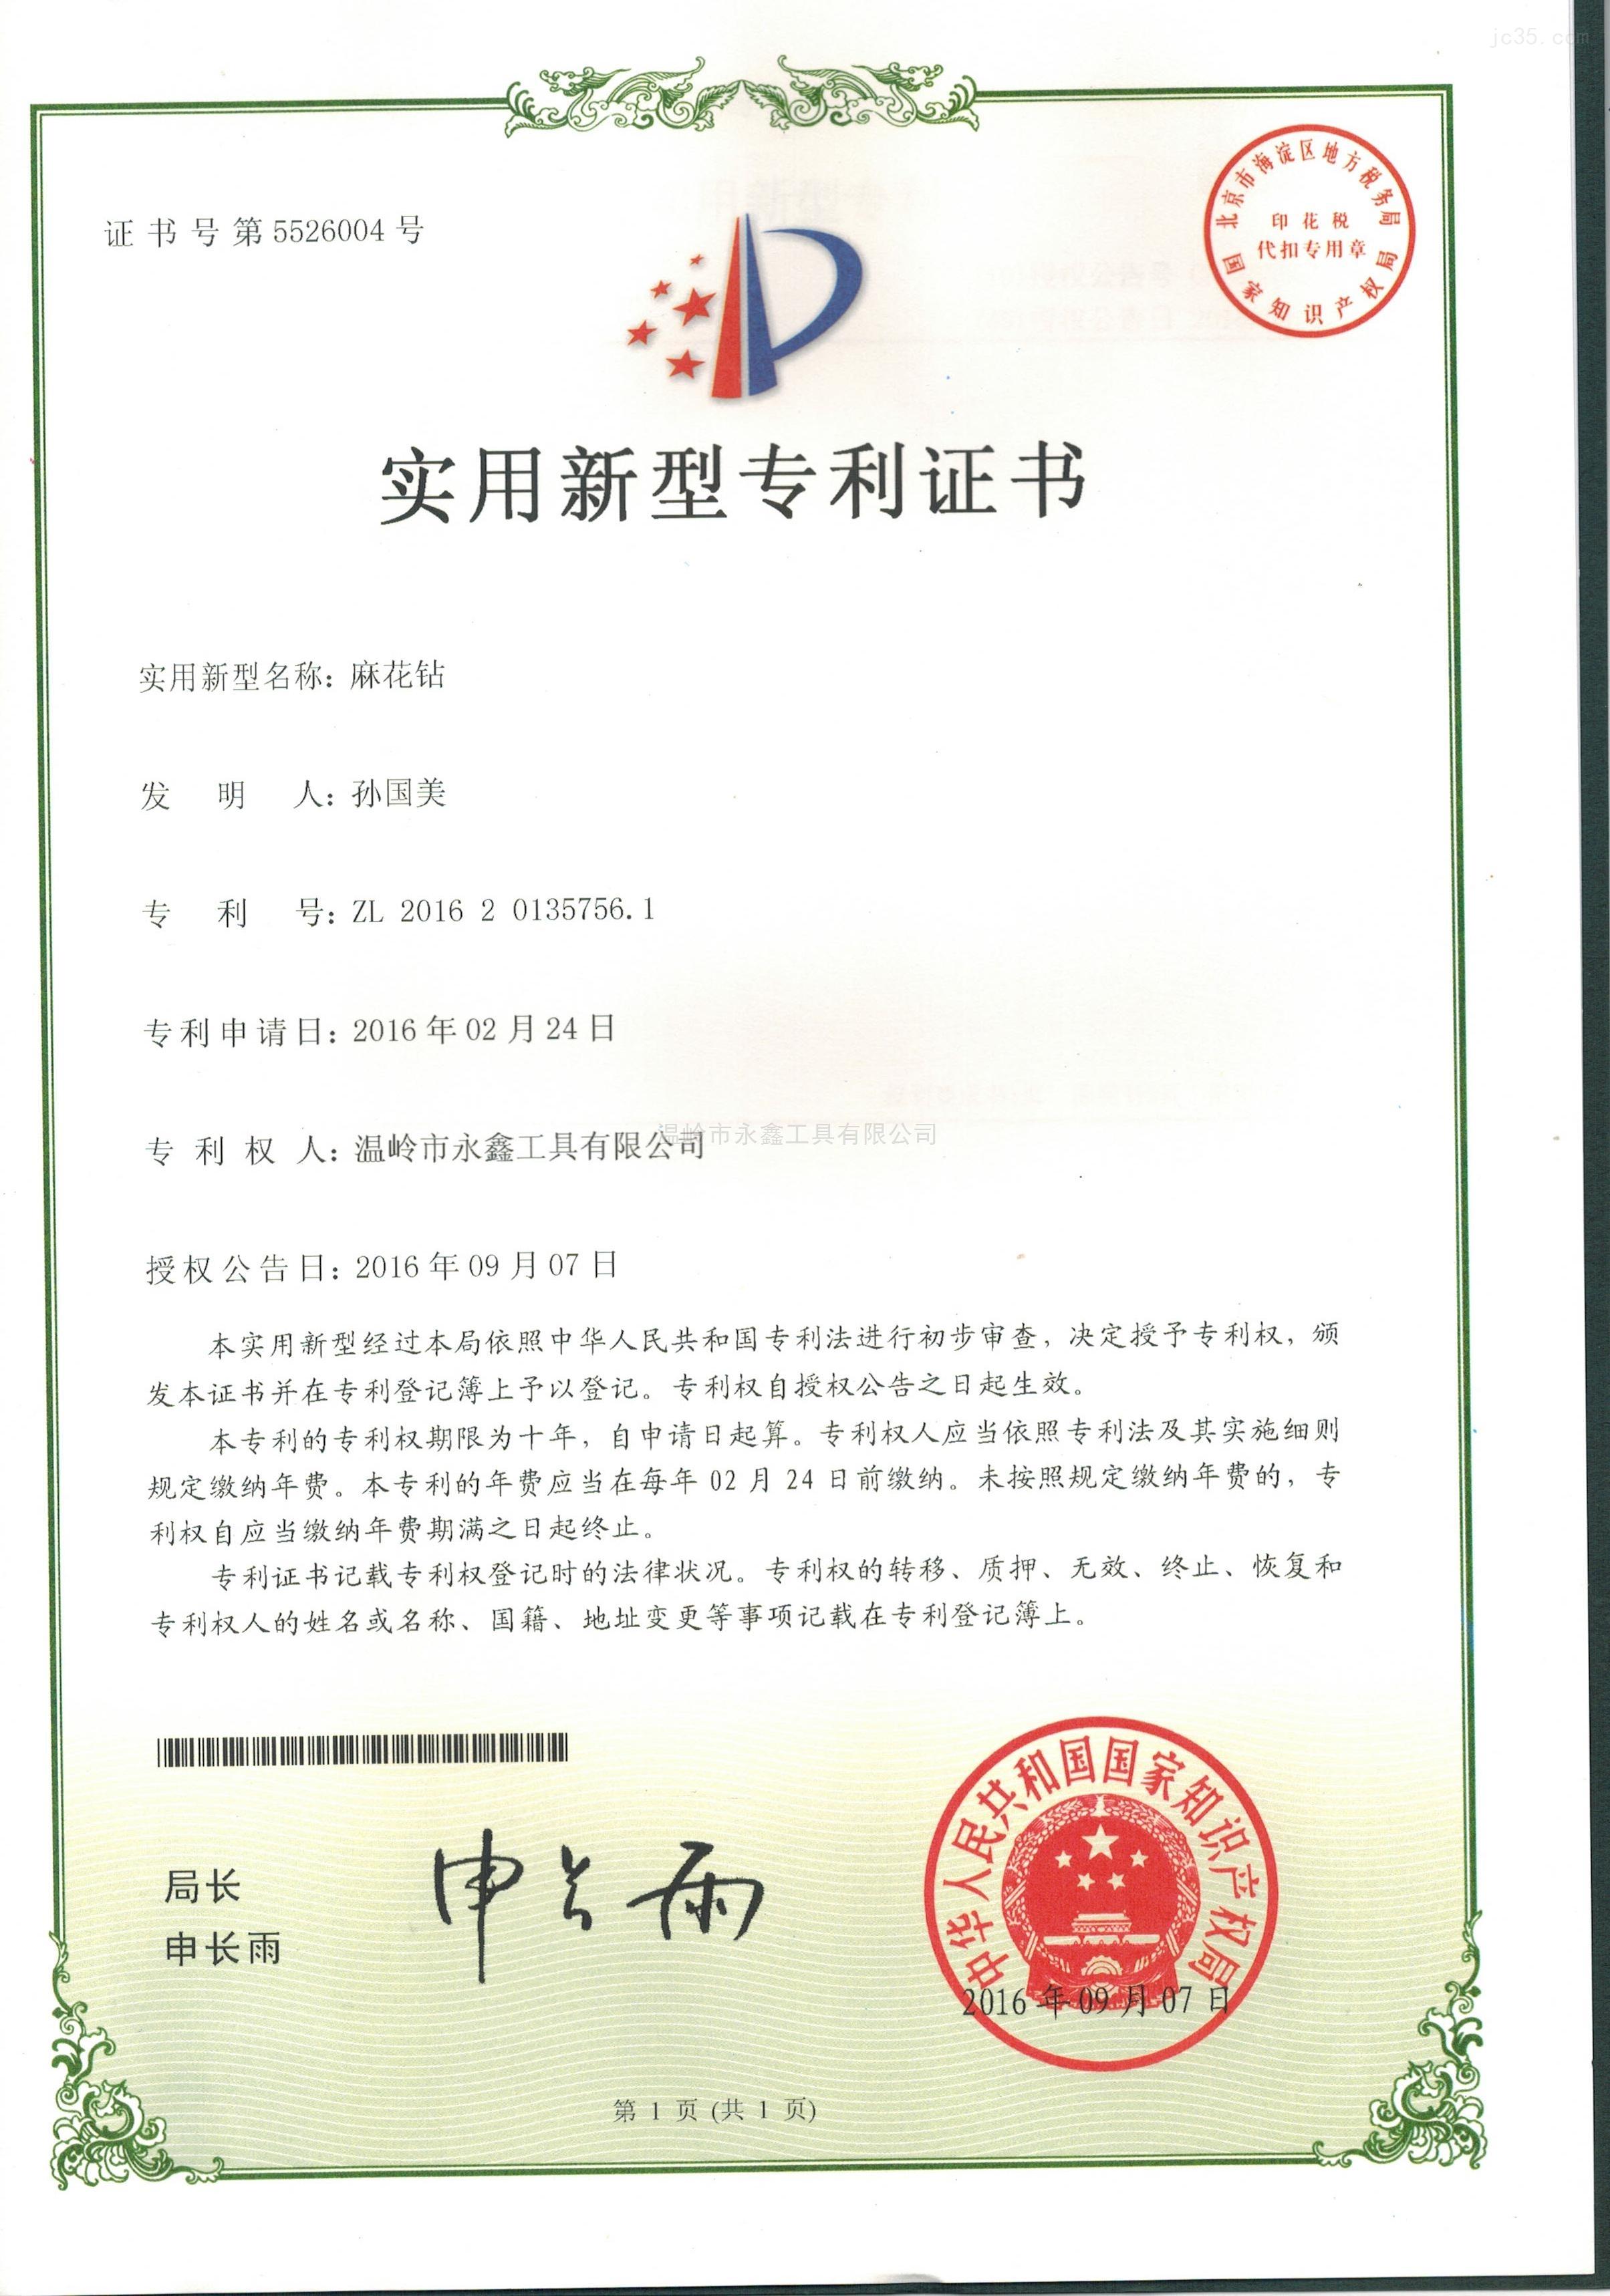 实用新型专利证书-麻花钻